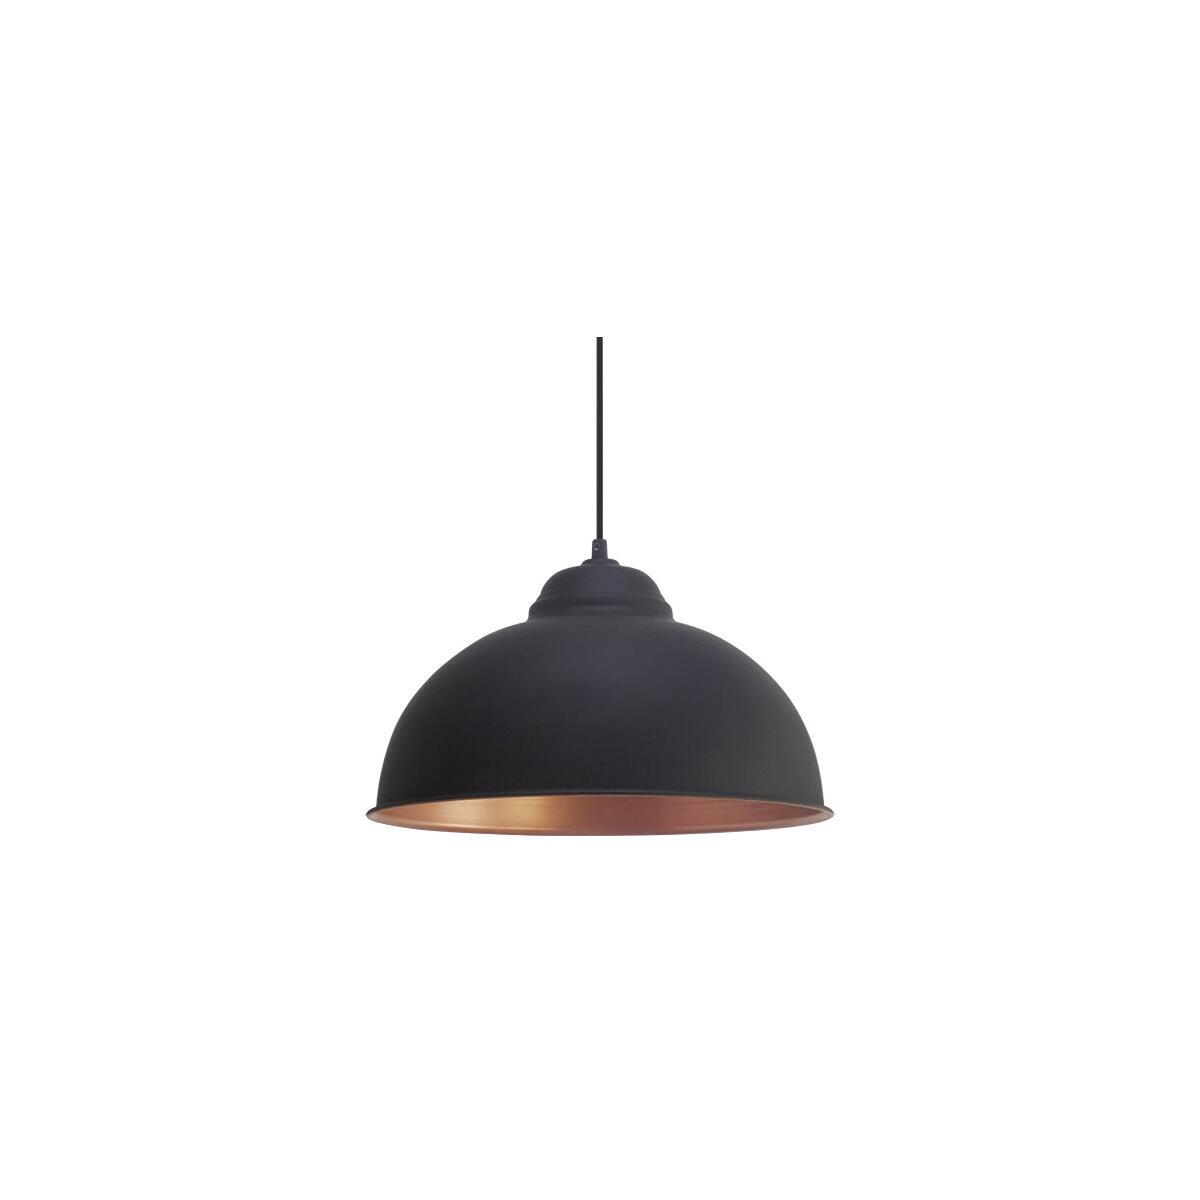 truro 2 pendelleuchte rustikal schwarz kupfer eglo 49247 46 99. Black Bedroom Furniture Sets. Home Design Ideas